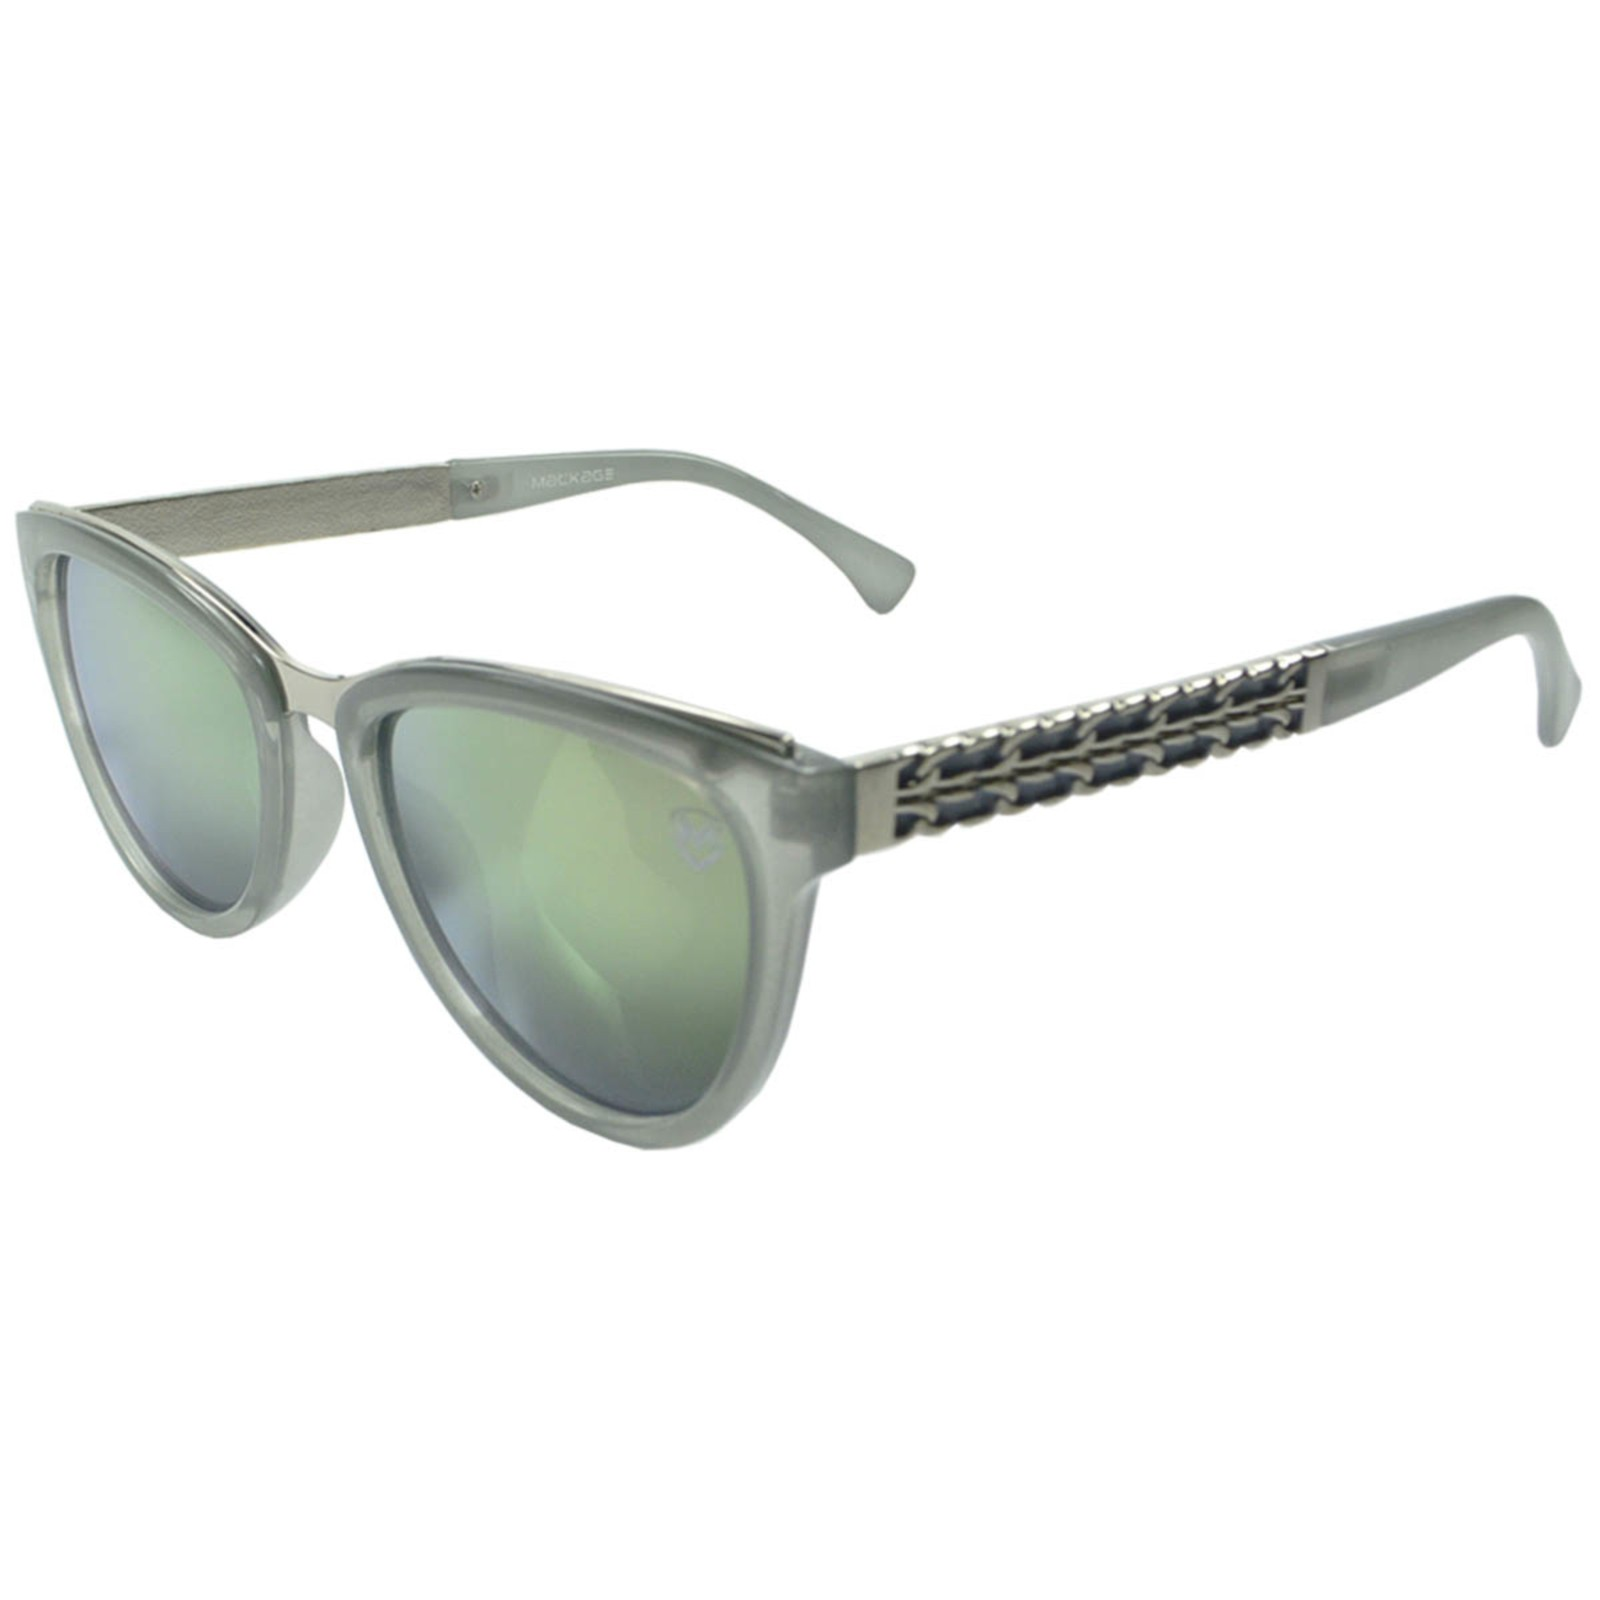 Óculos De Sol Mackage Feminino Acetato Gateado - Cinza